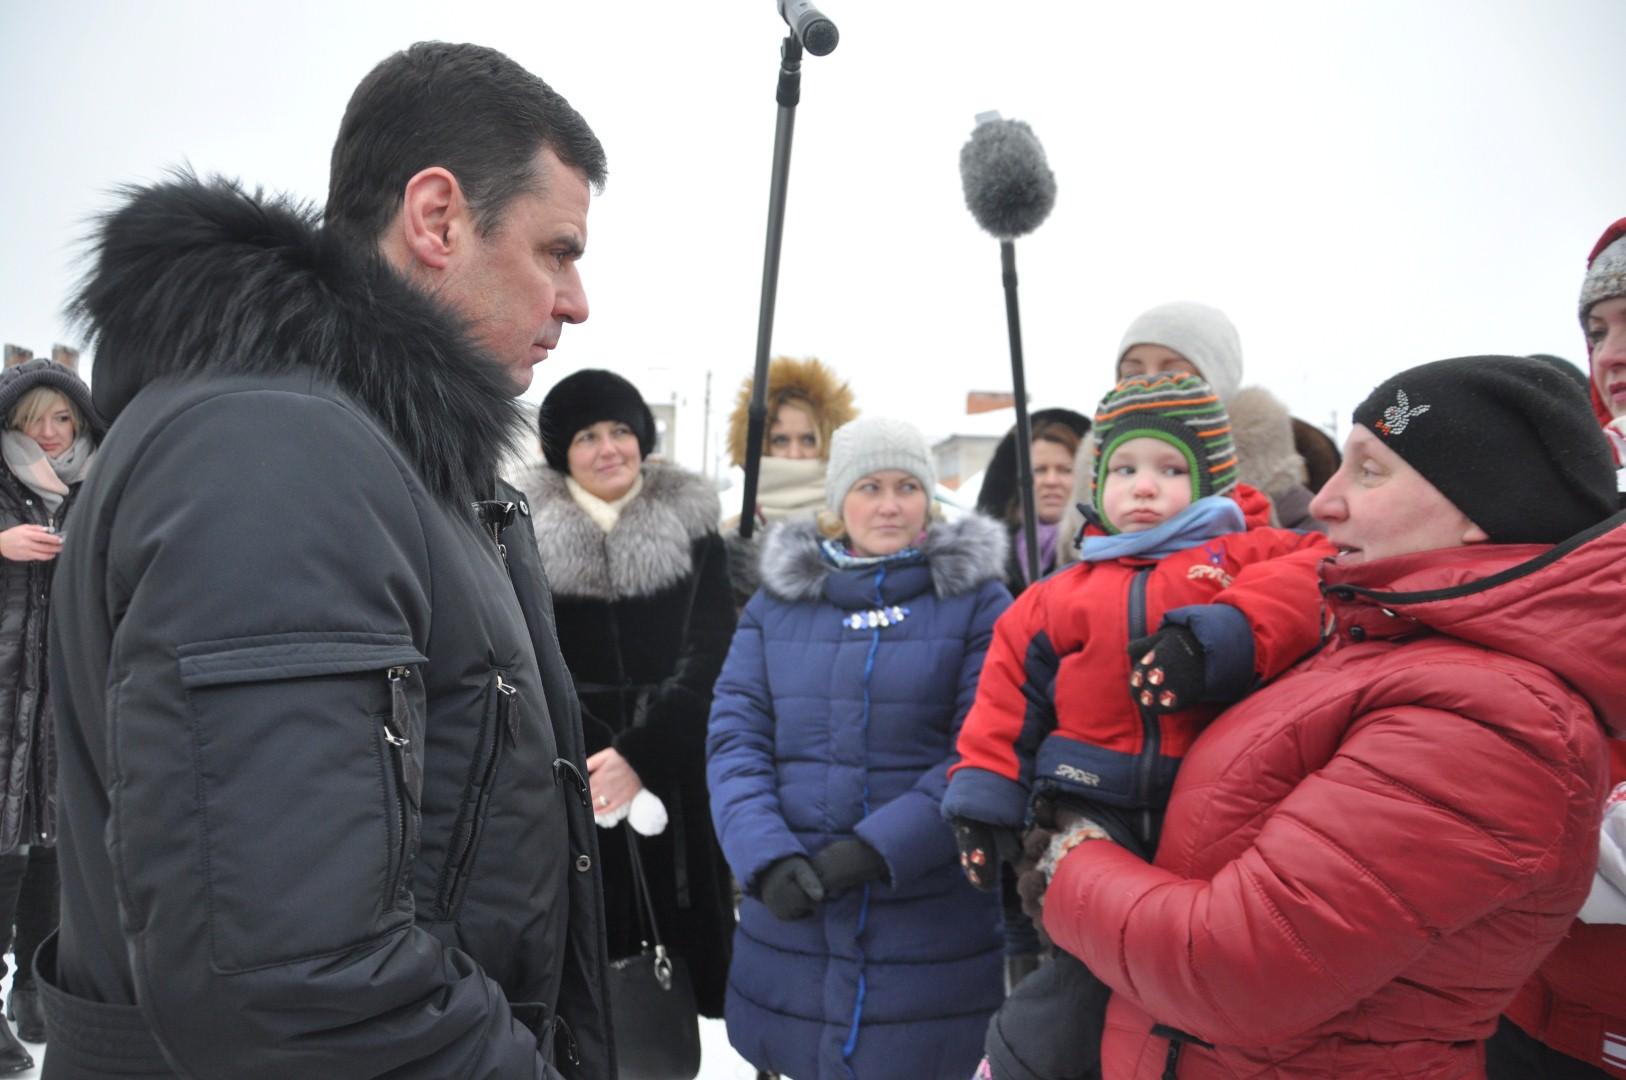 Дмитрий Миронов: «Власть должна уметь слышать и слушать людей, мы сюда и поставлены, чтобы жизнь стала комфортнее для людей»